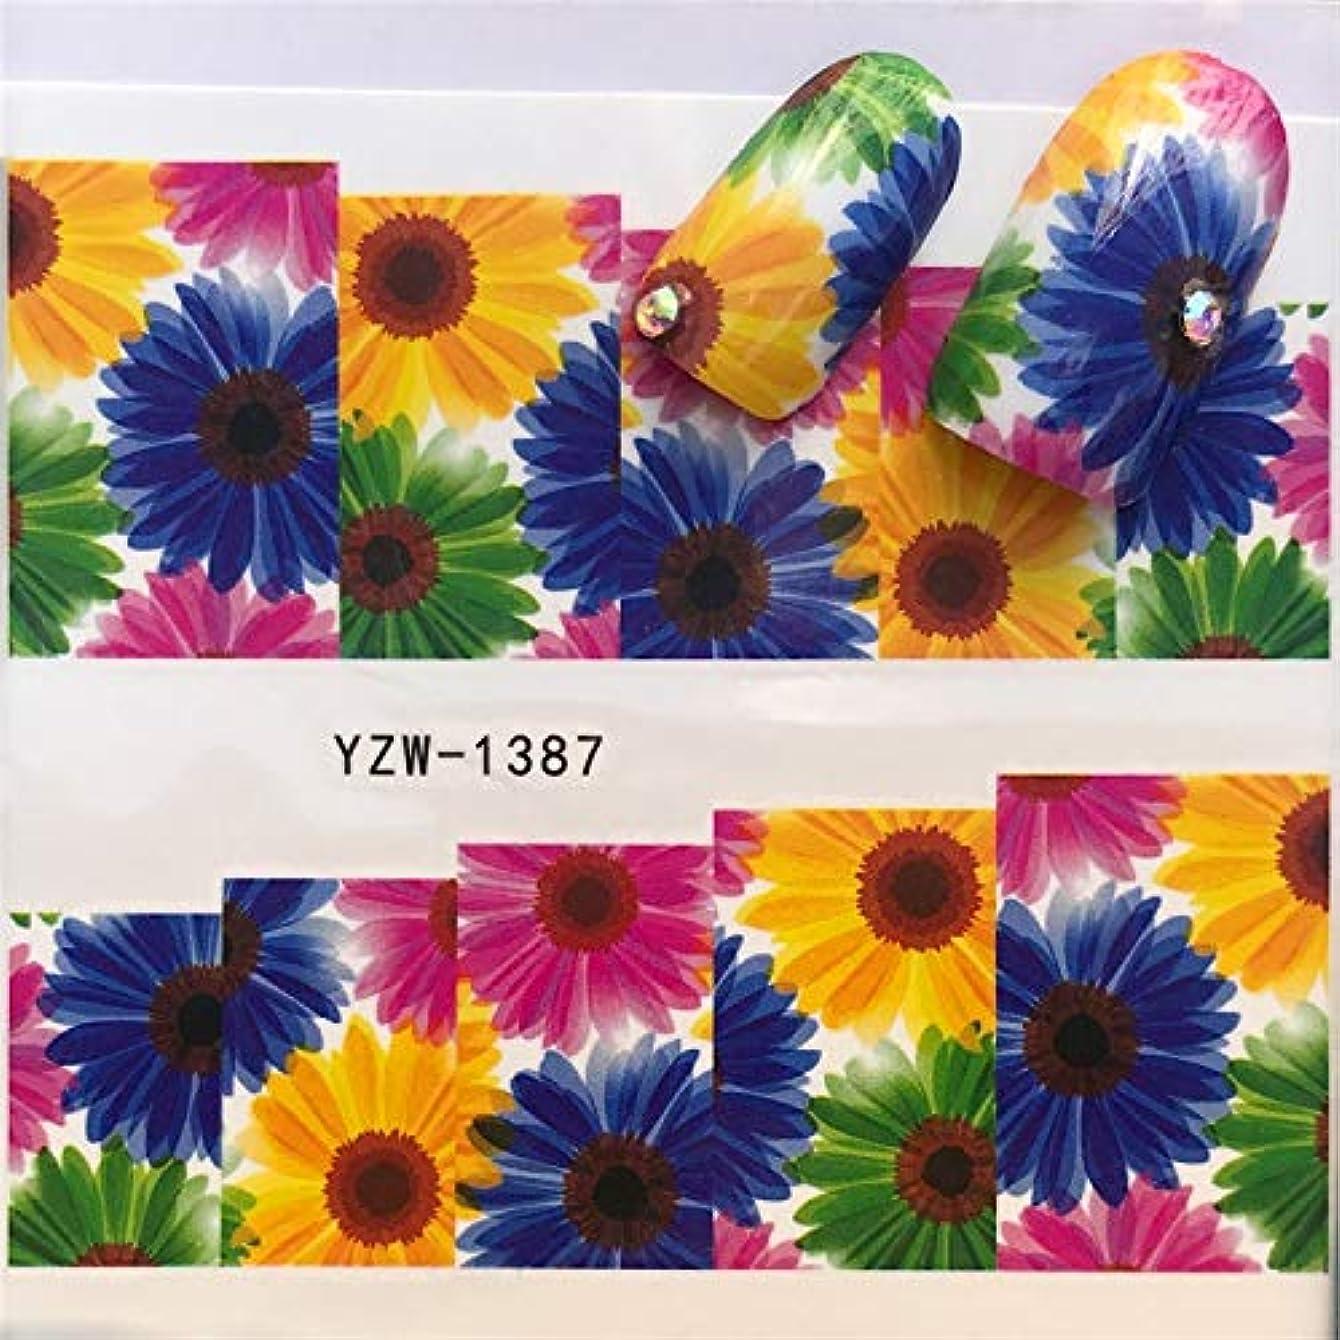 ビューティー&パーソナルケア 3ピースネイルステッカーセットデカール水転写スライダーネイルアートデコレーション、色:YZW 1287 ステッカー&デカール